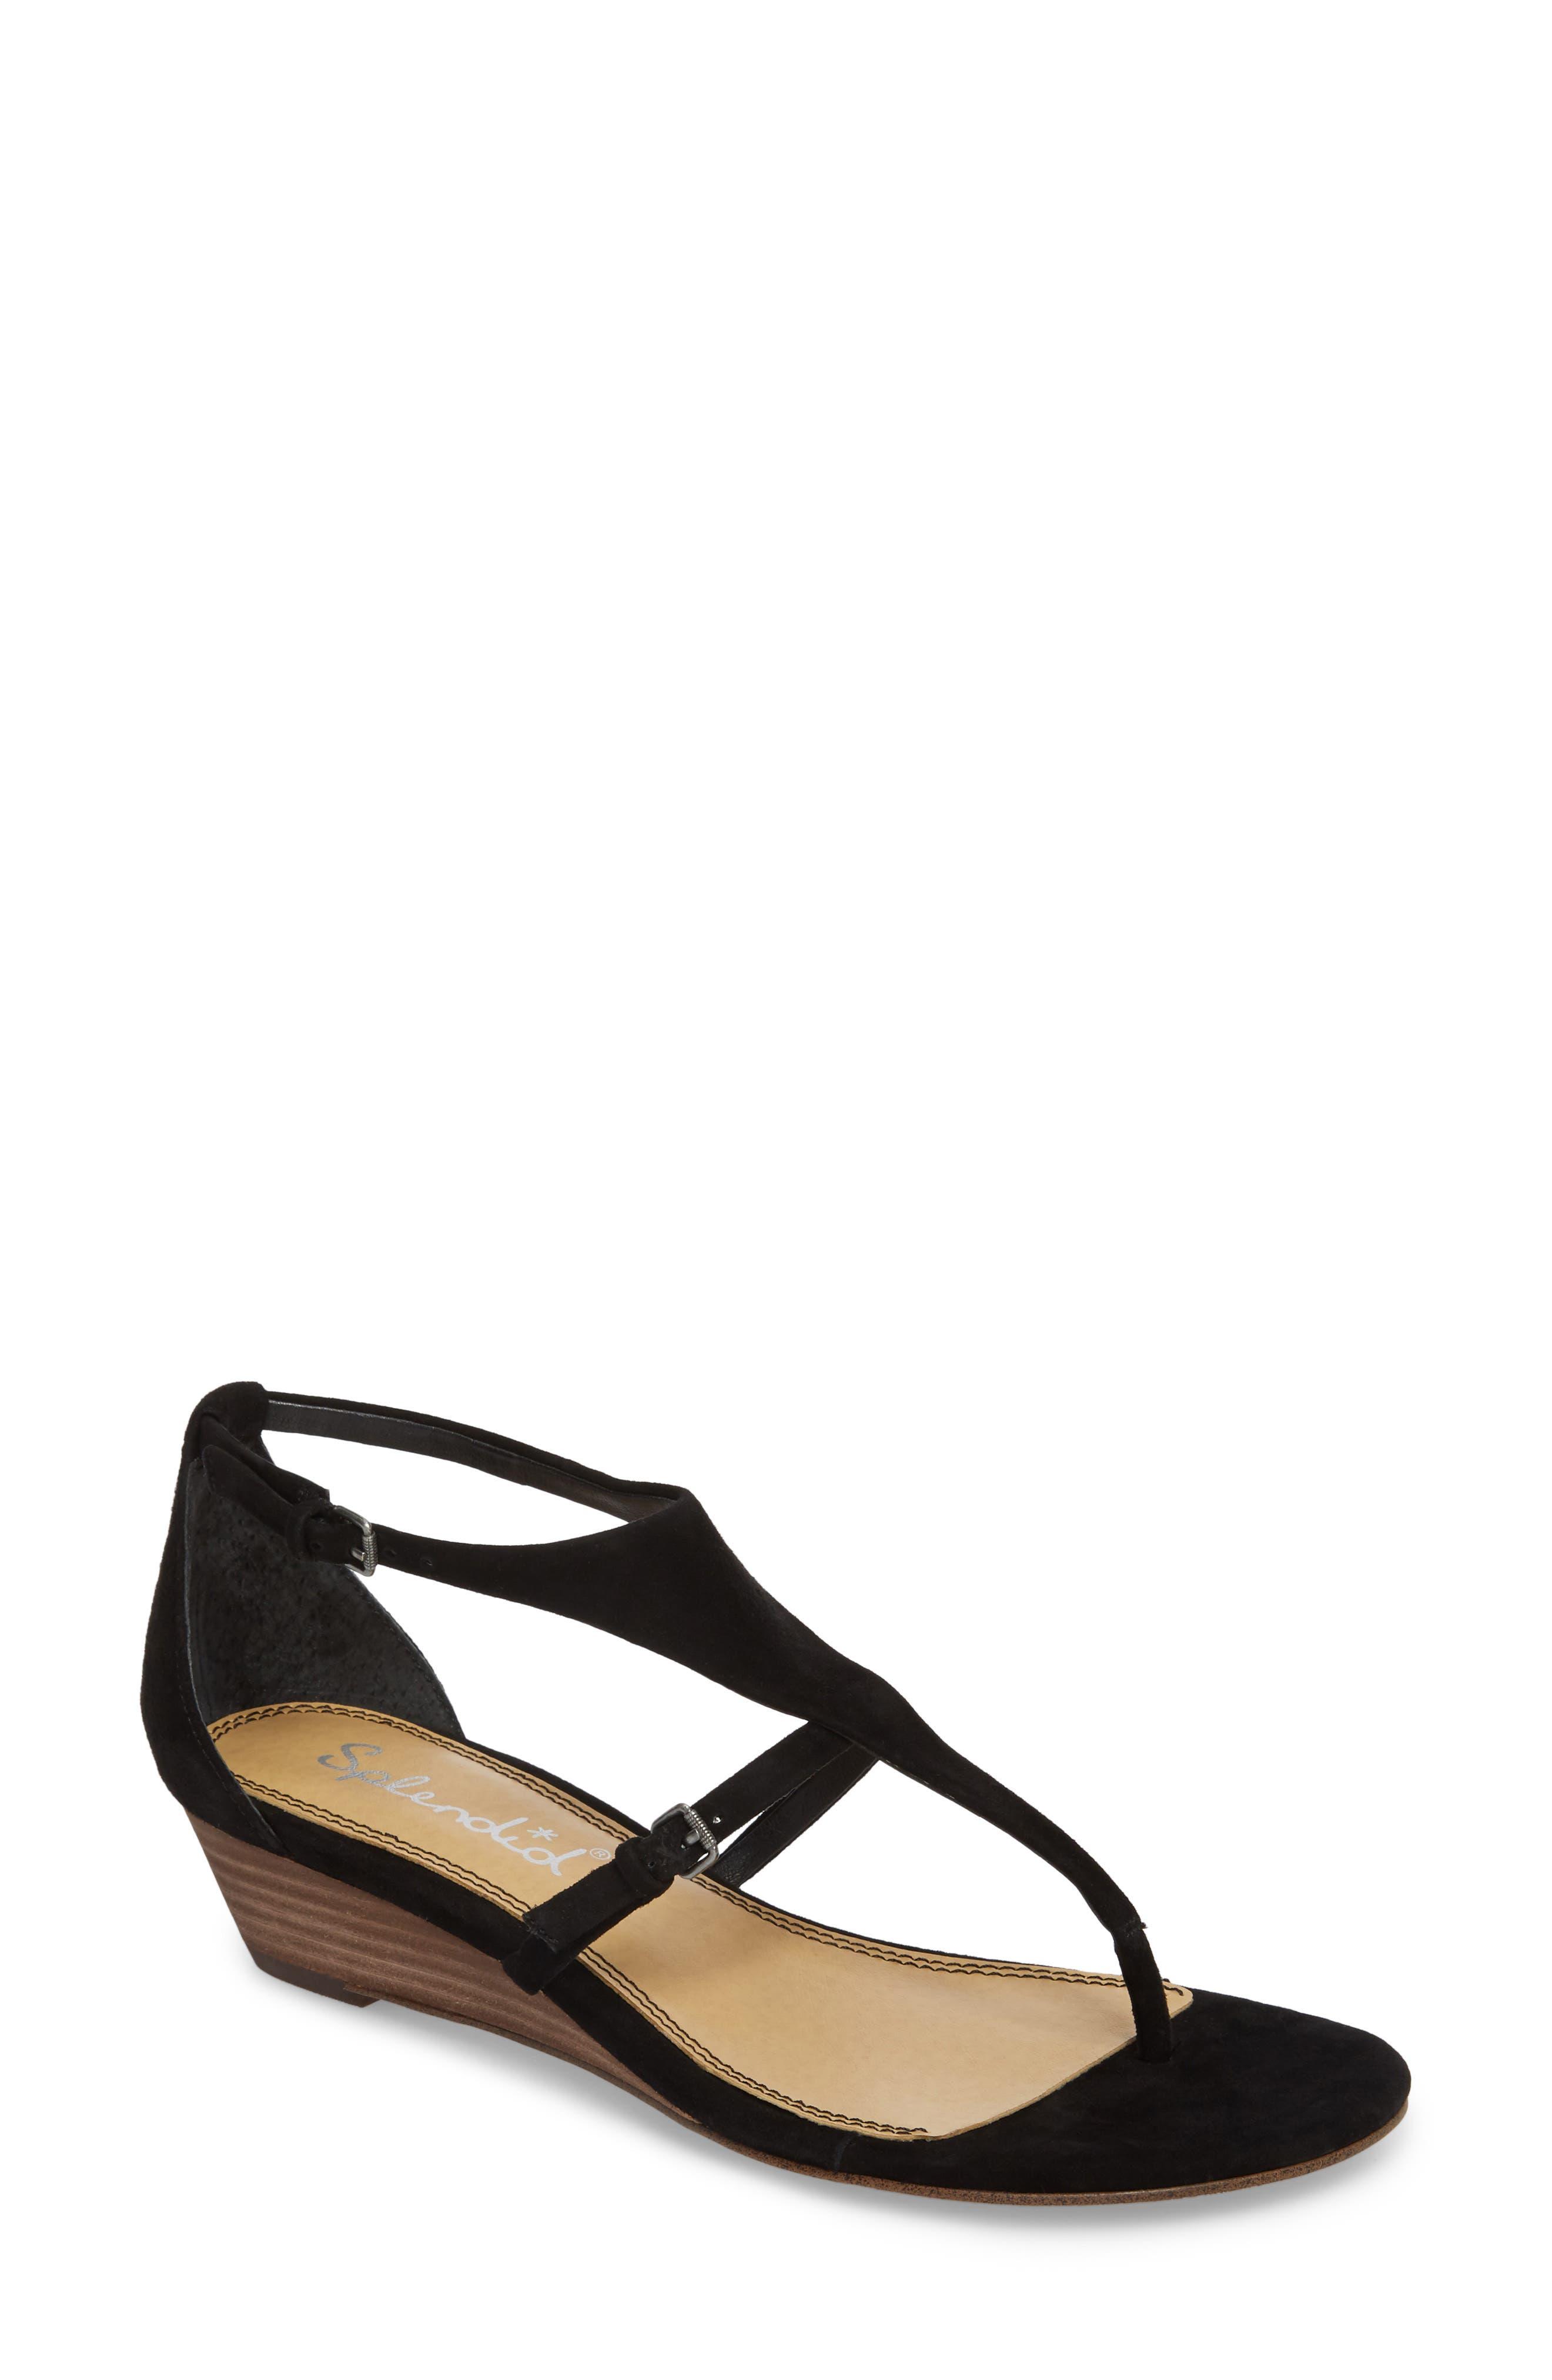 Alternate Image 1 Selected - Splendid Brooklyn V-Strap Wedge Sandal (Women)